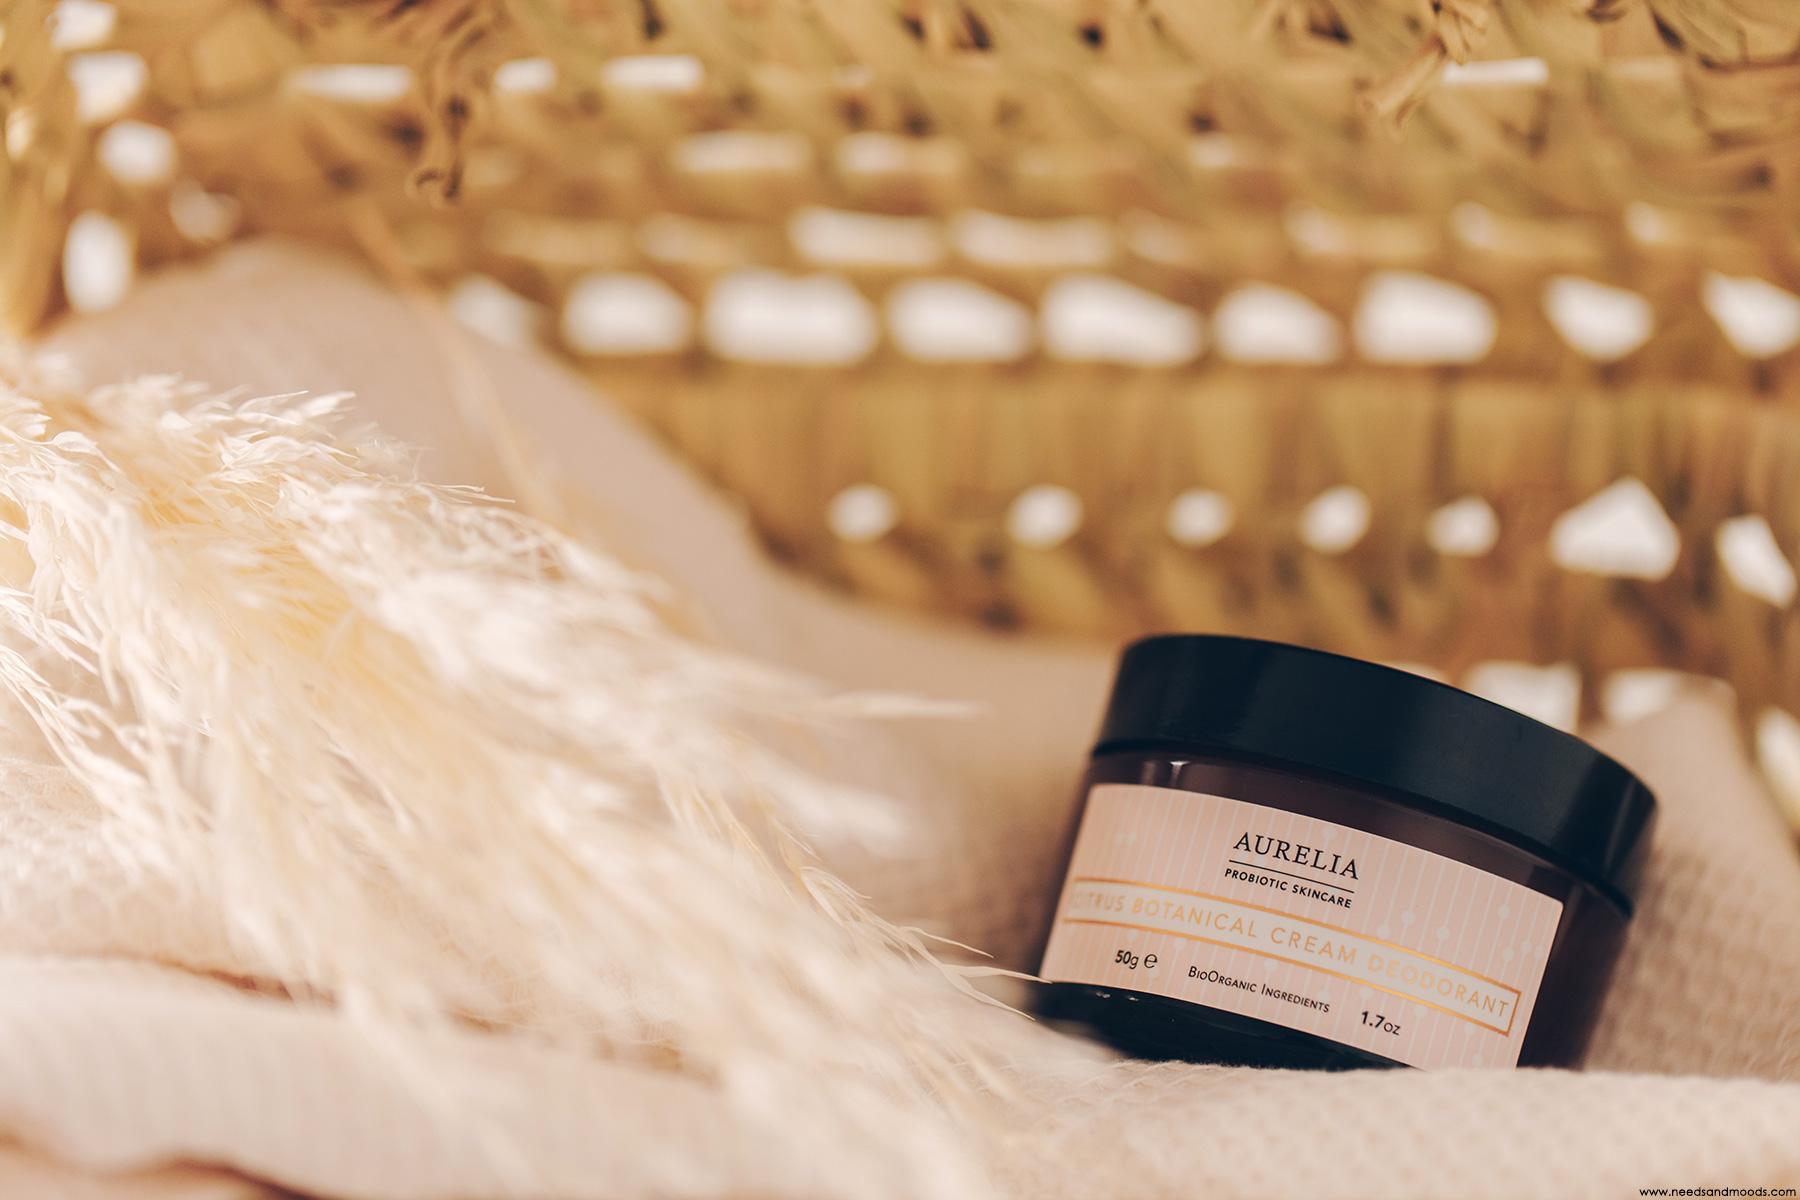 aurelia probiotic citrus botanical cream deodorant avis